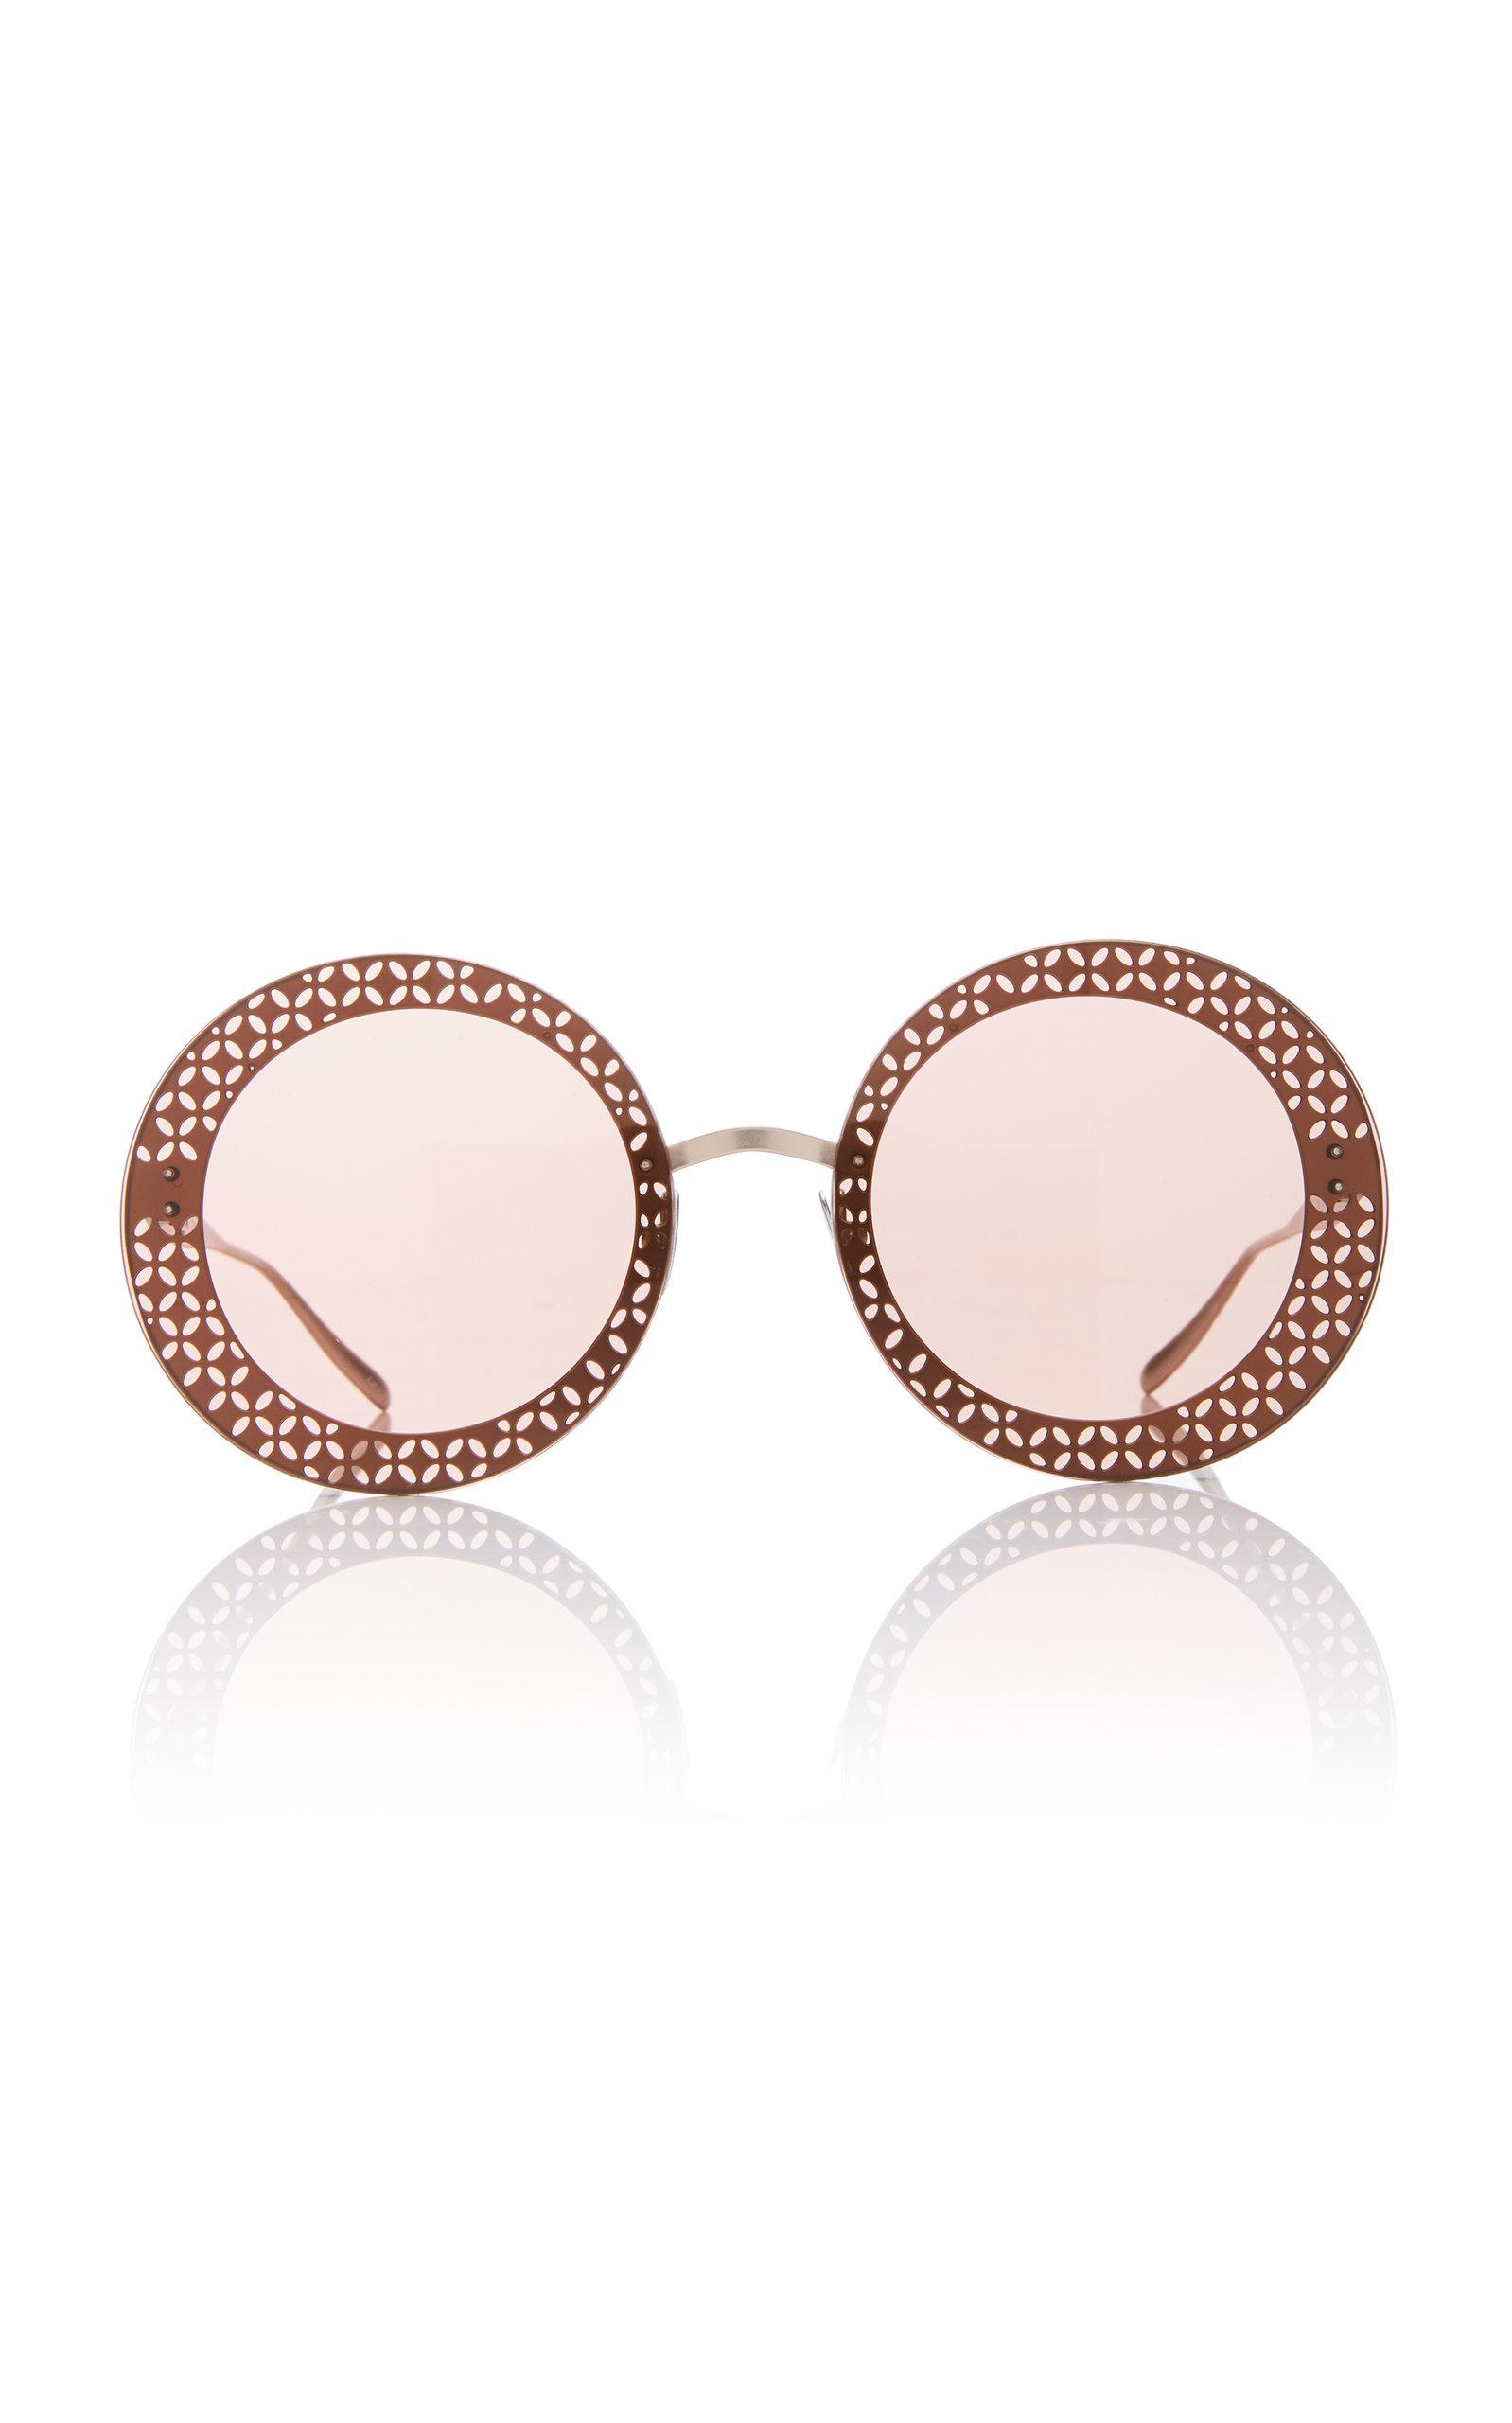 ALAIA SUNGLASSES Le Petale Sunglasses in Gold